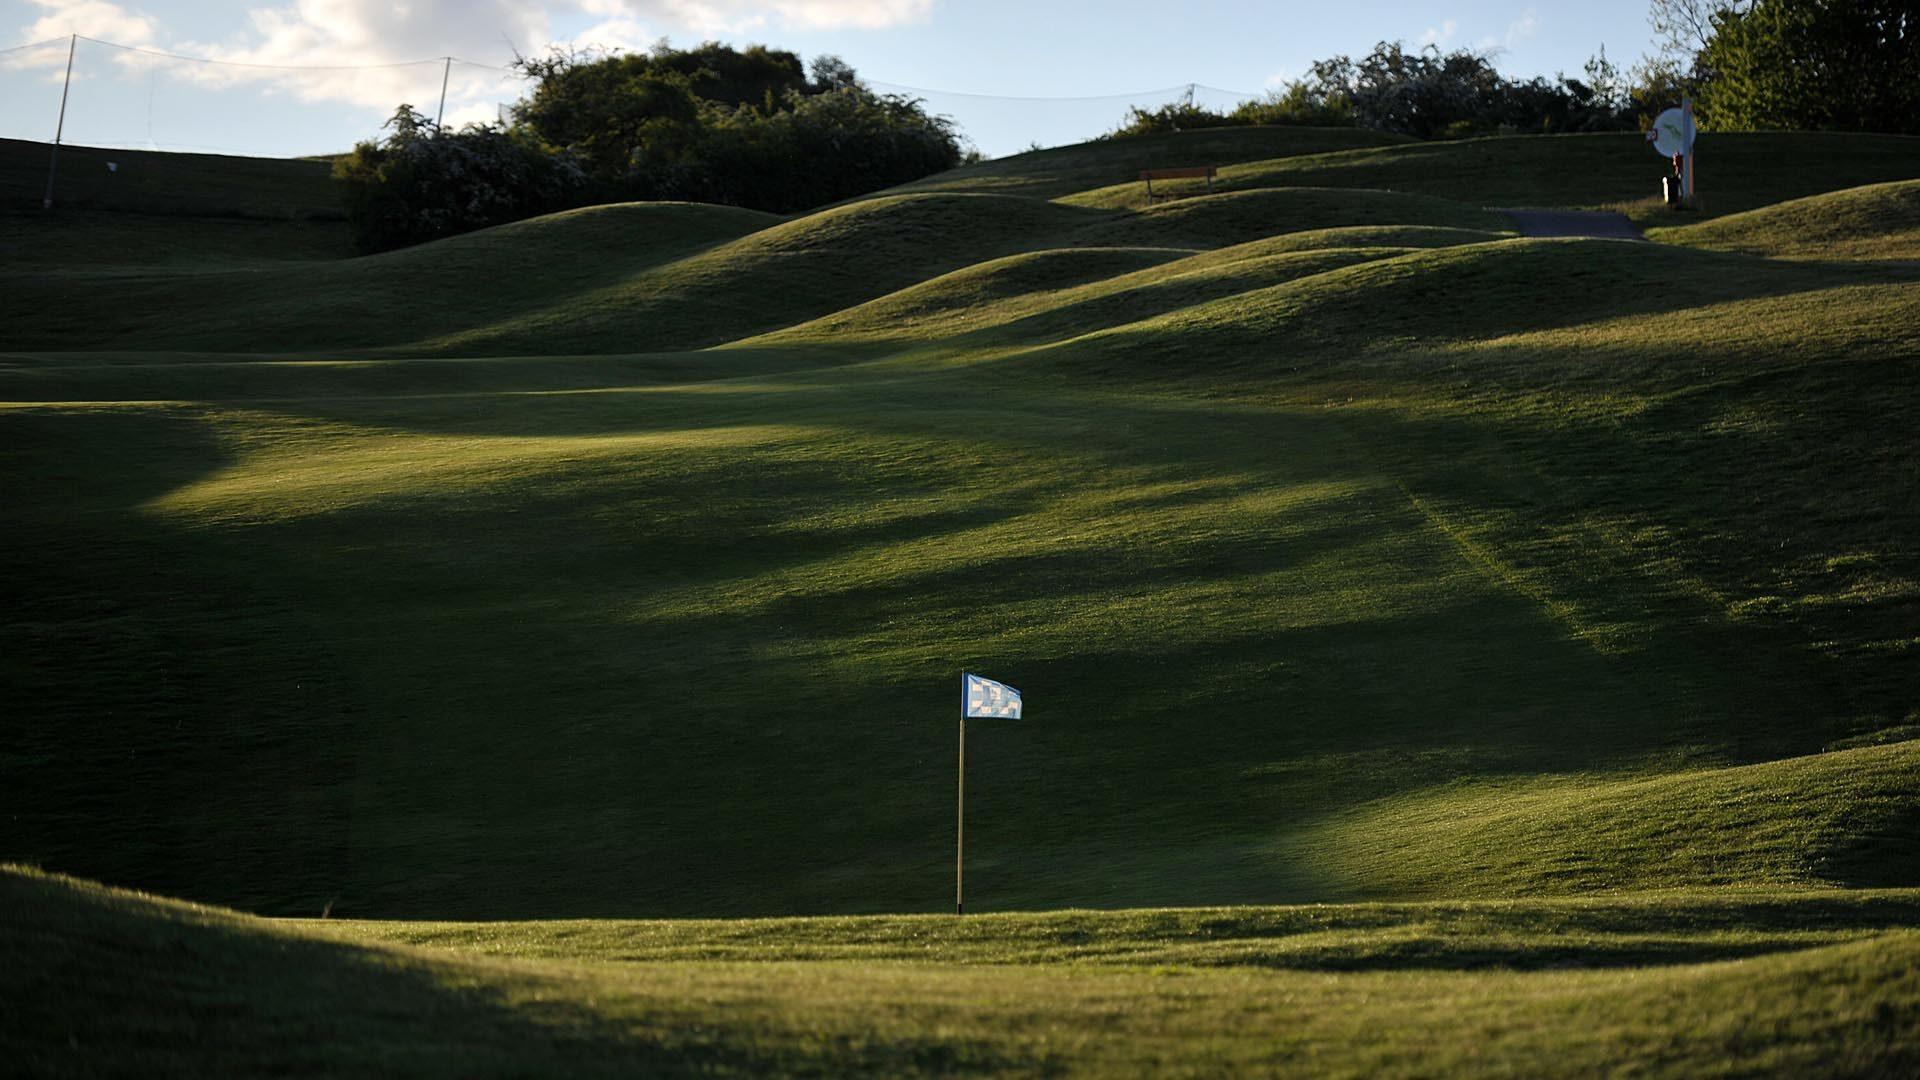 FOTOGALERIE: Nejhezčí golf je ten podvečerní